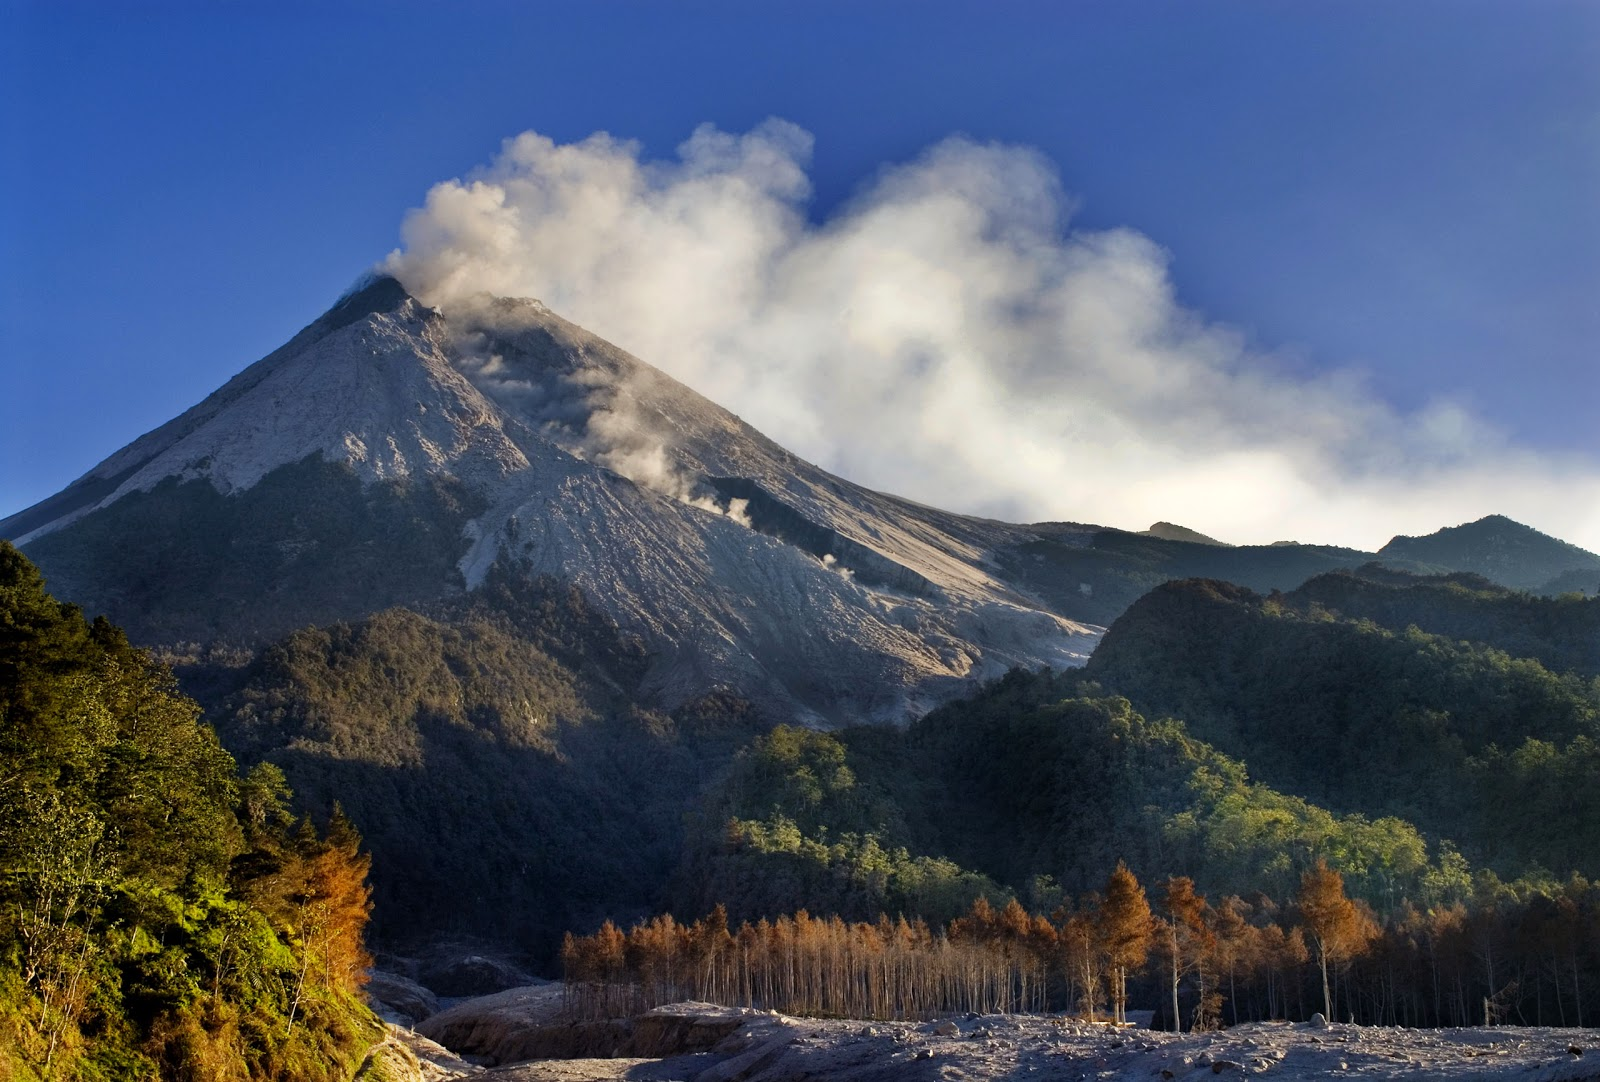 Gunung Merapi Sleman Yogyakarta Jawa Tengah